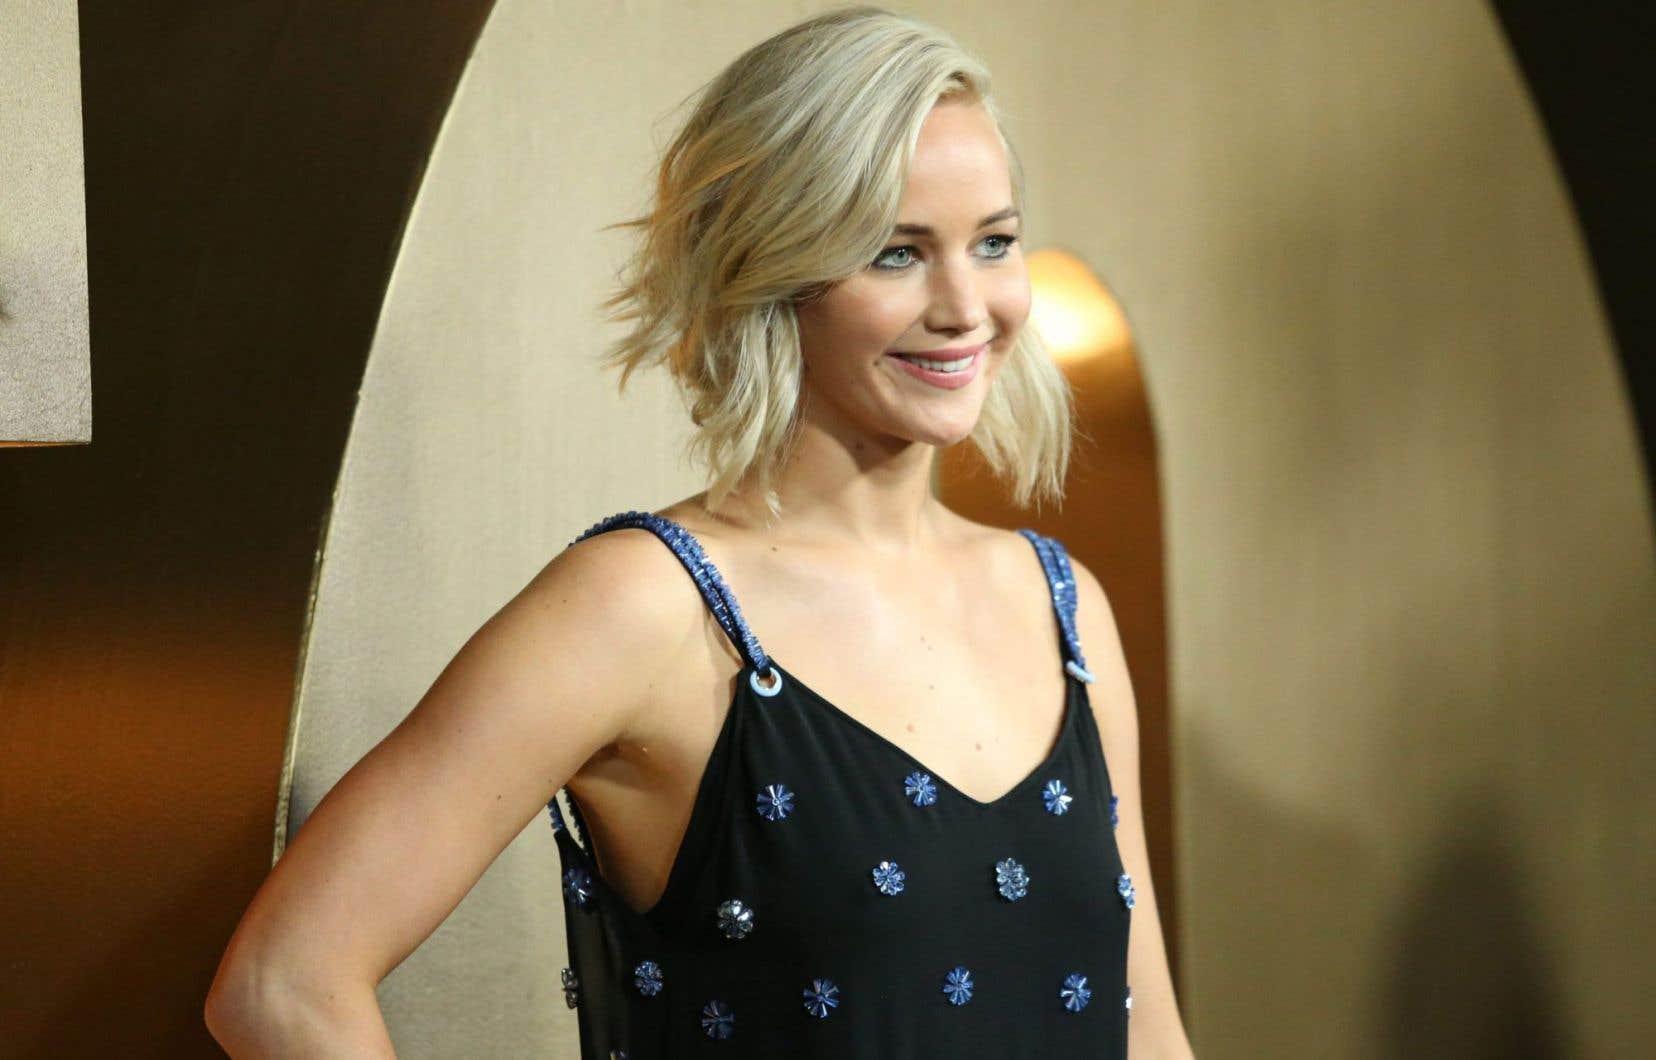 Il y a quelques mois, Jennifer Lawrence, lauréate d'un Oscar pour «Le bon côté des choses» et actrice la plus populaire du moment, a signé une lettre ouverte devenue virale dans laquelle elle dénonce vertement l'iniquité ambiante.